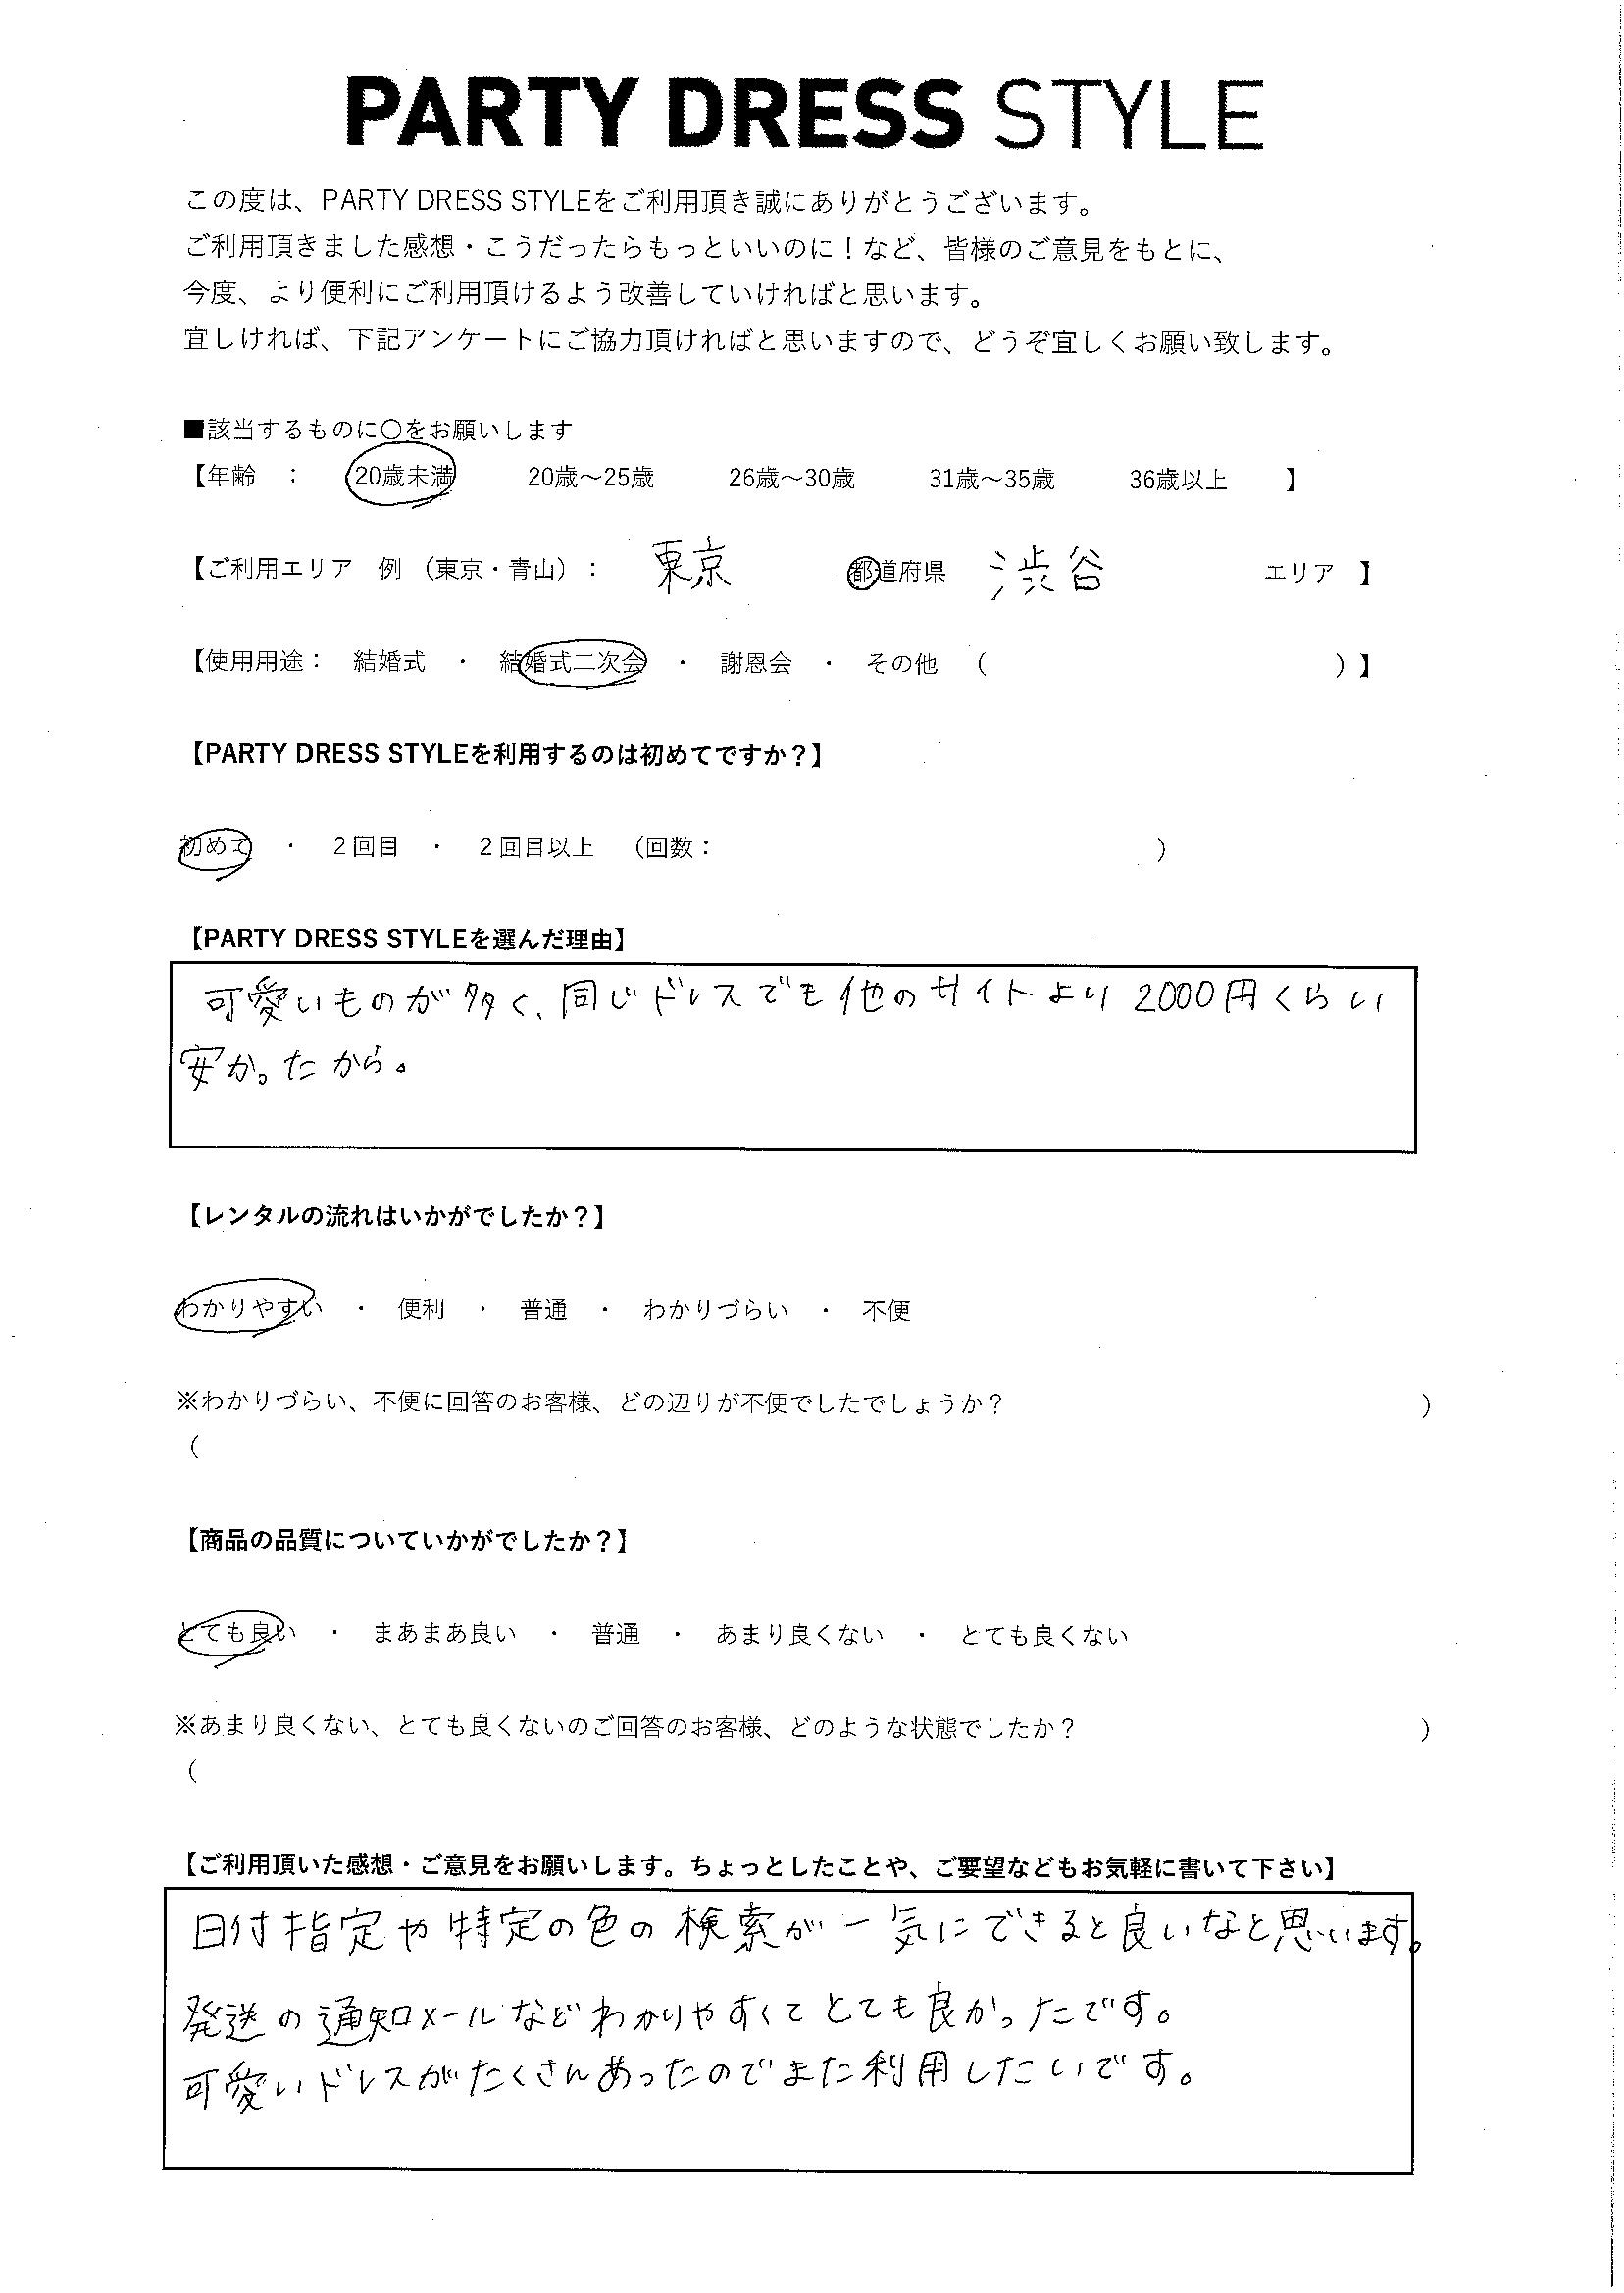 3/23 結婚式二次会 東京・渋谷エリア